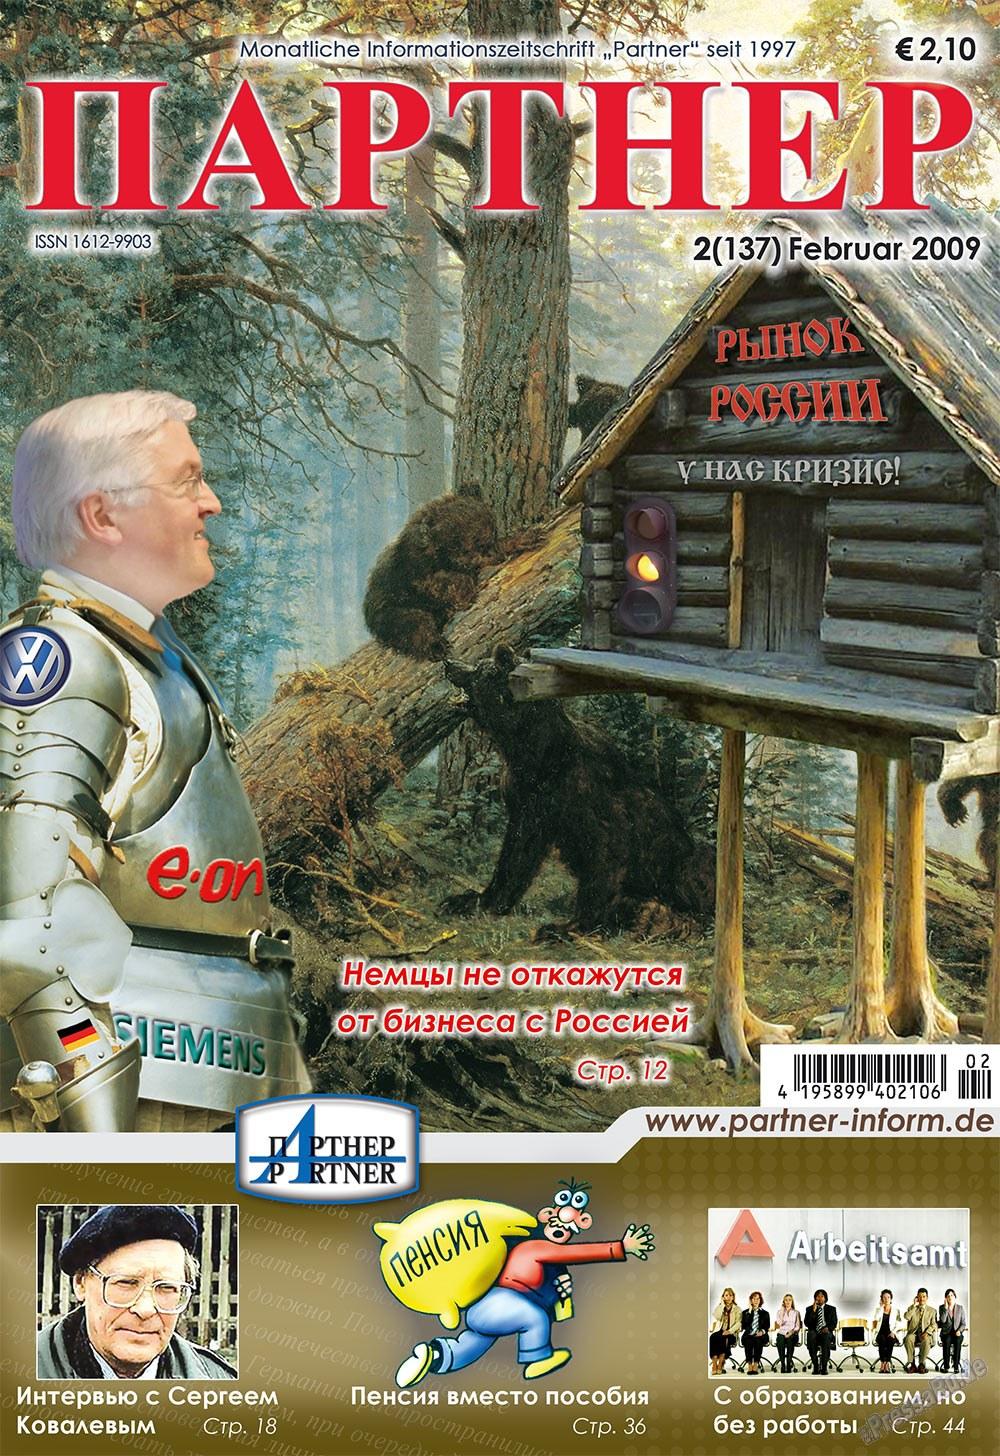 Партнер (журнал). 2009 год, номер 1, стр. 1